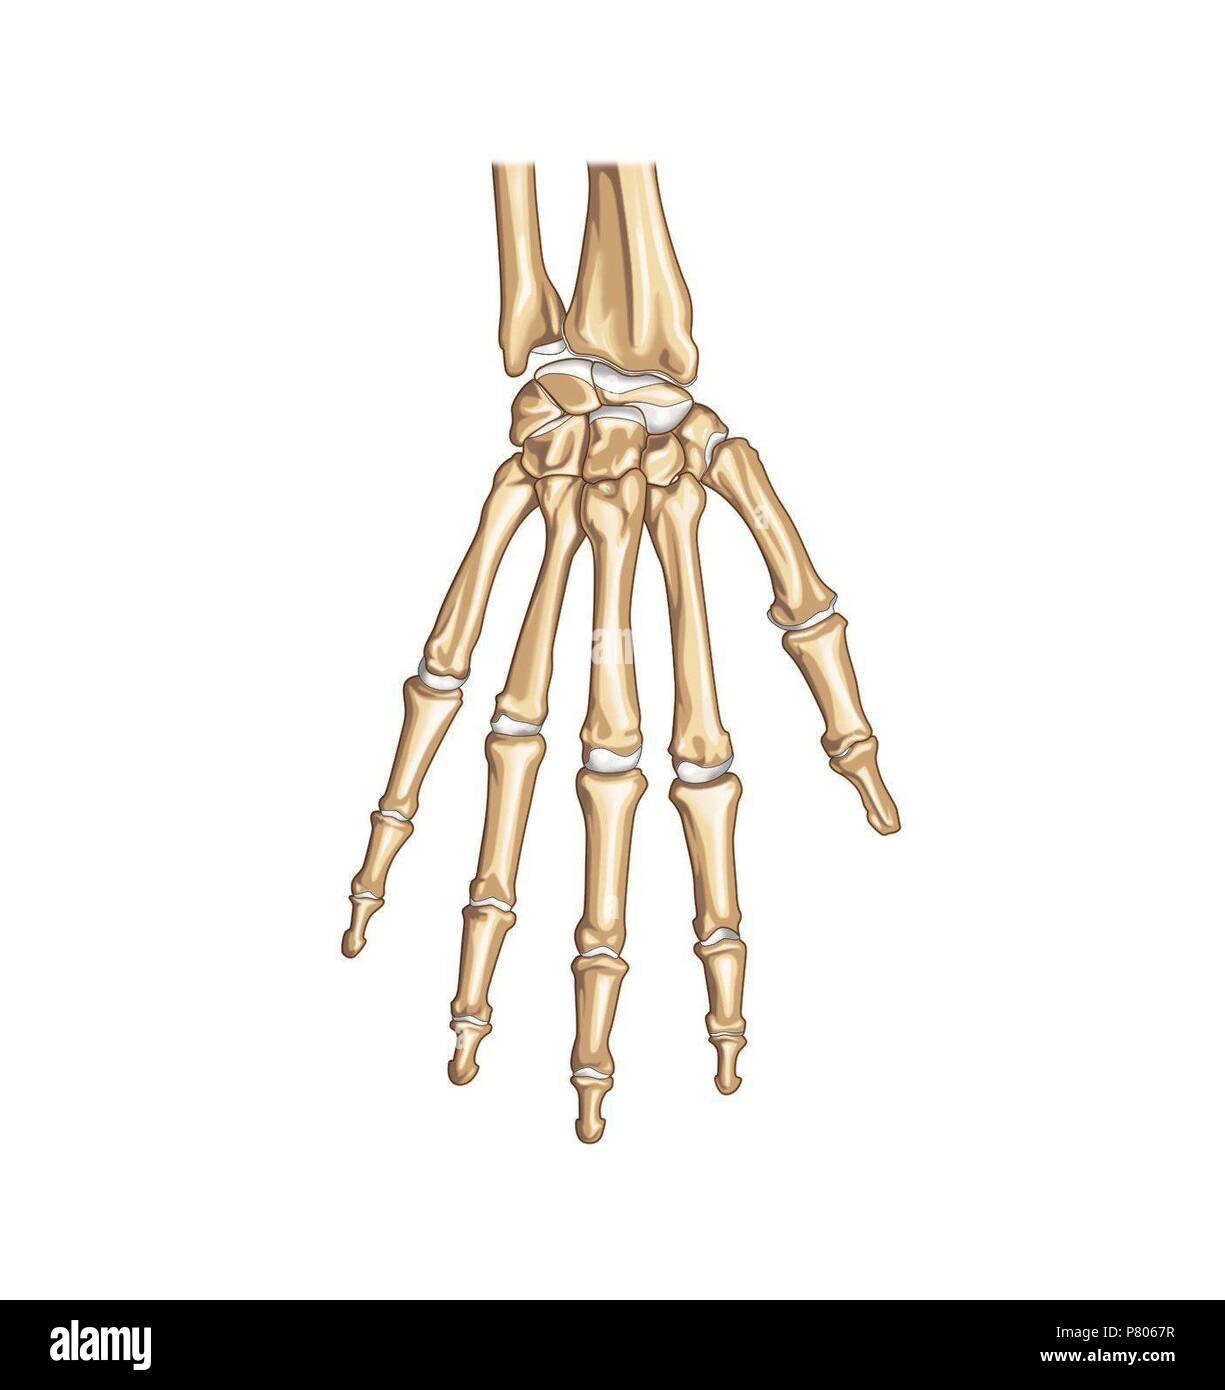 Los huesos de la mano Foto & Imagen De Stock: 211446587 - Alamy